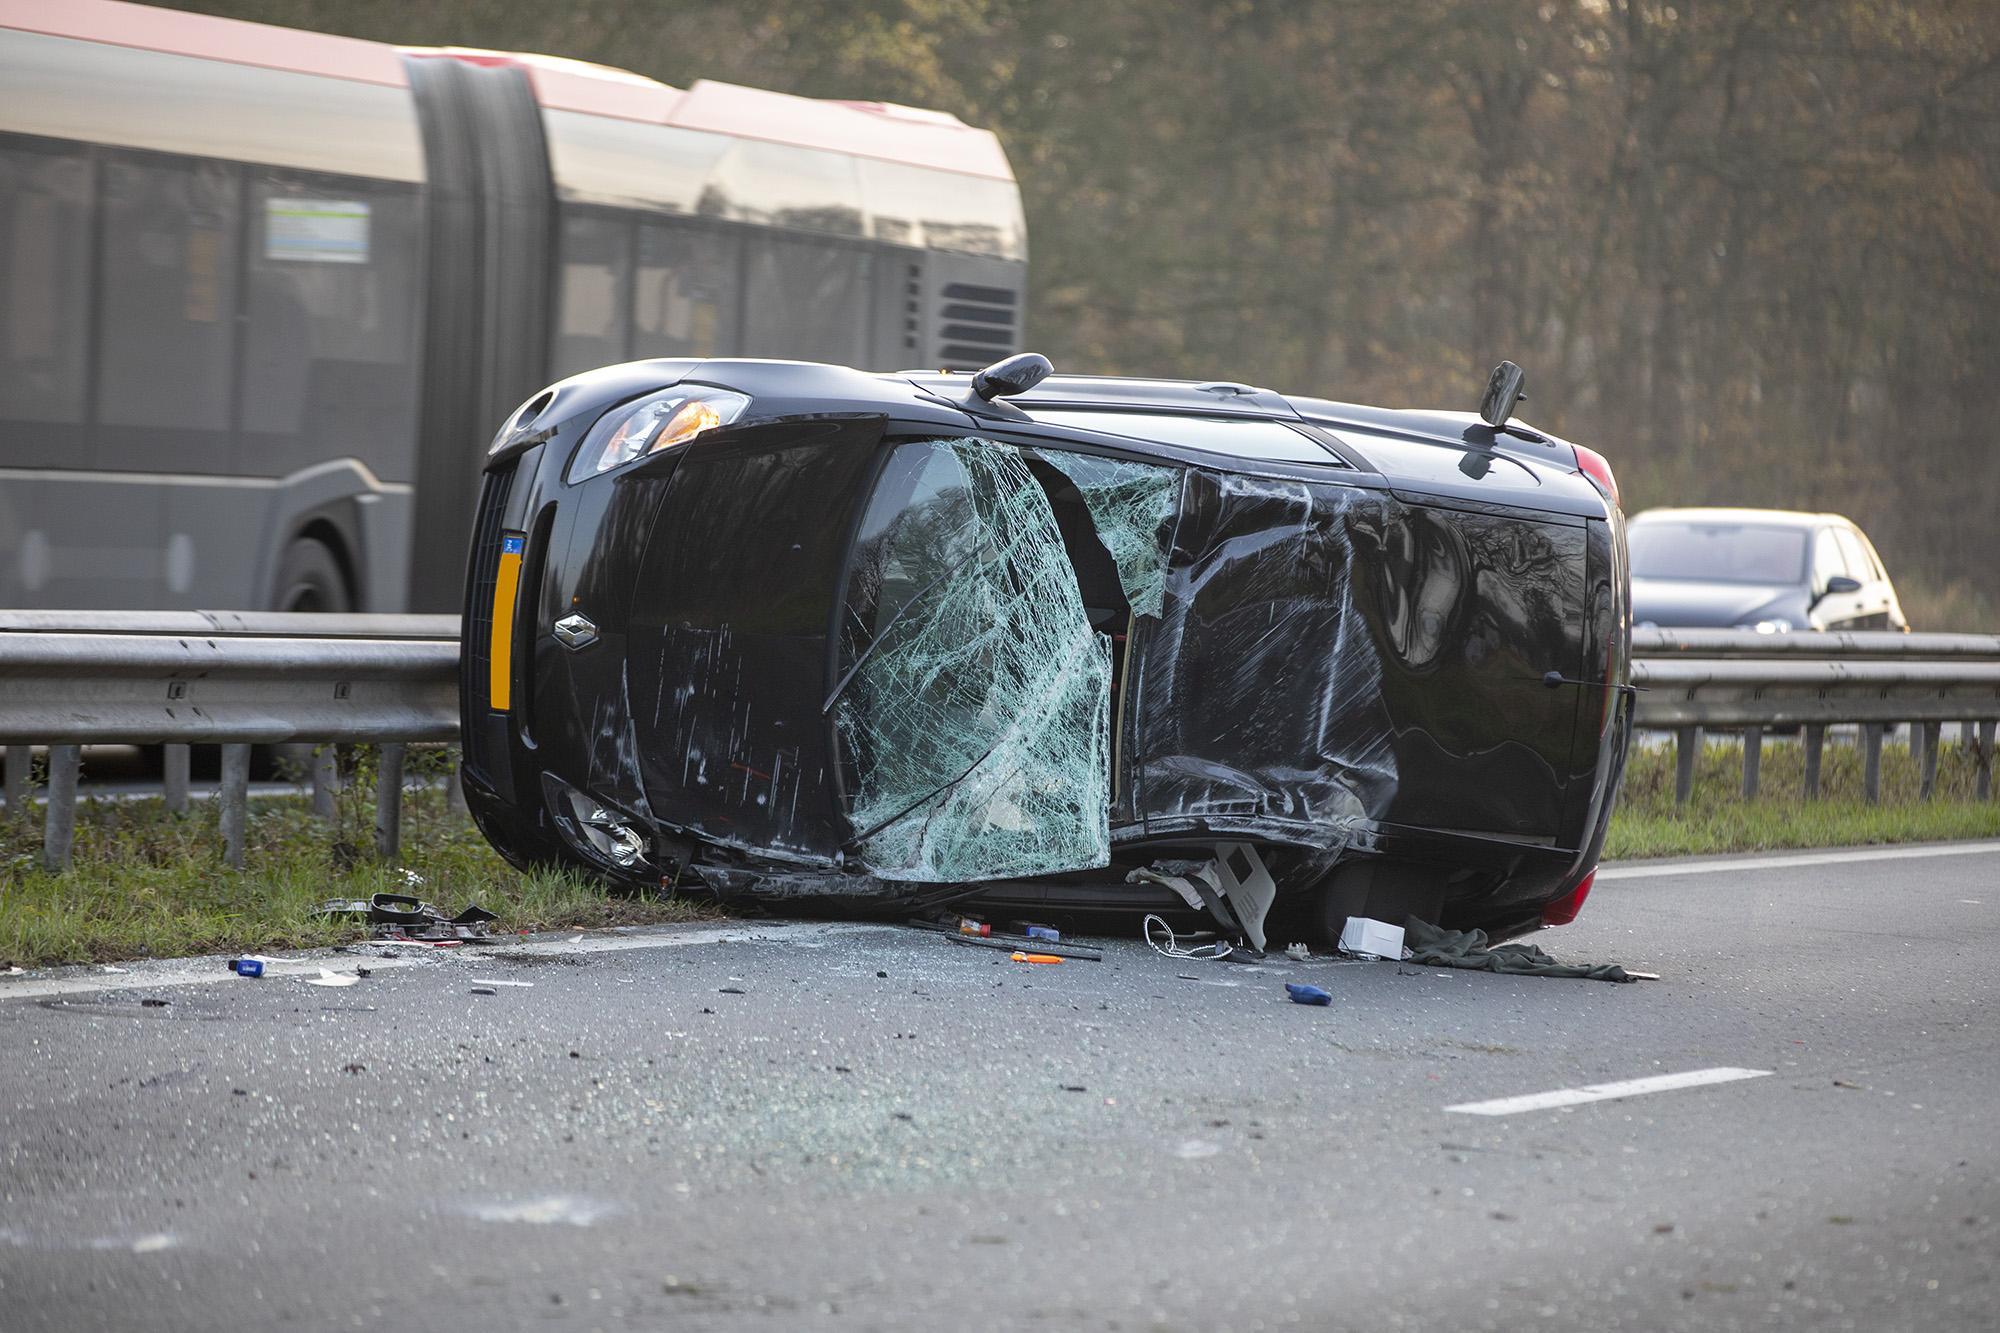 Opstopping door ongeval op Schipholweg bij Vijfhuizen [update]